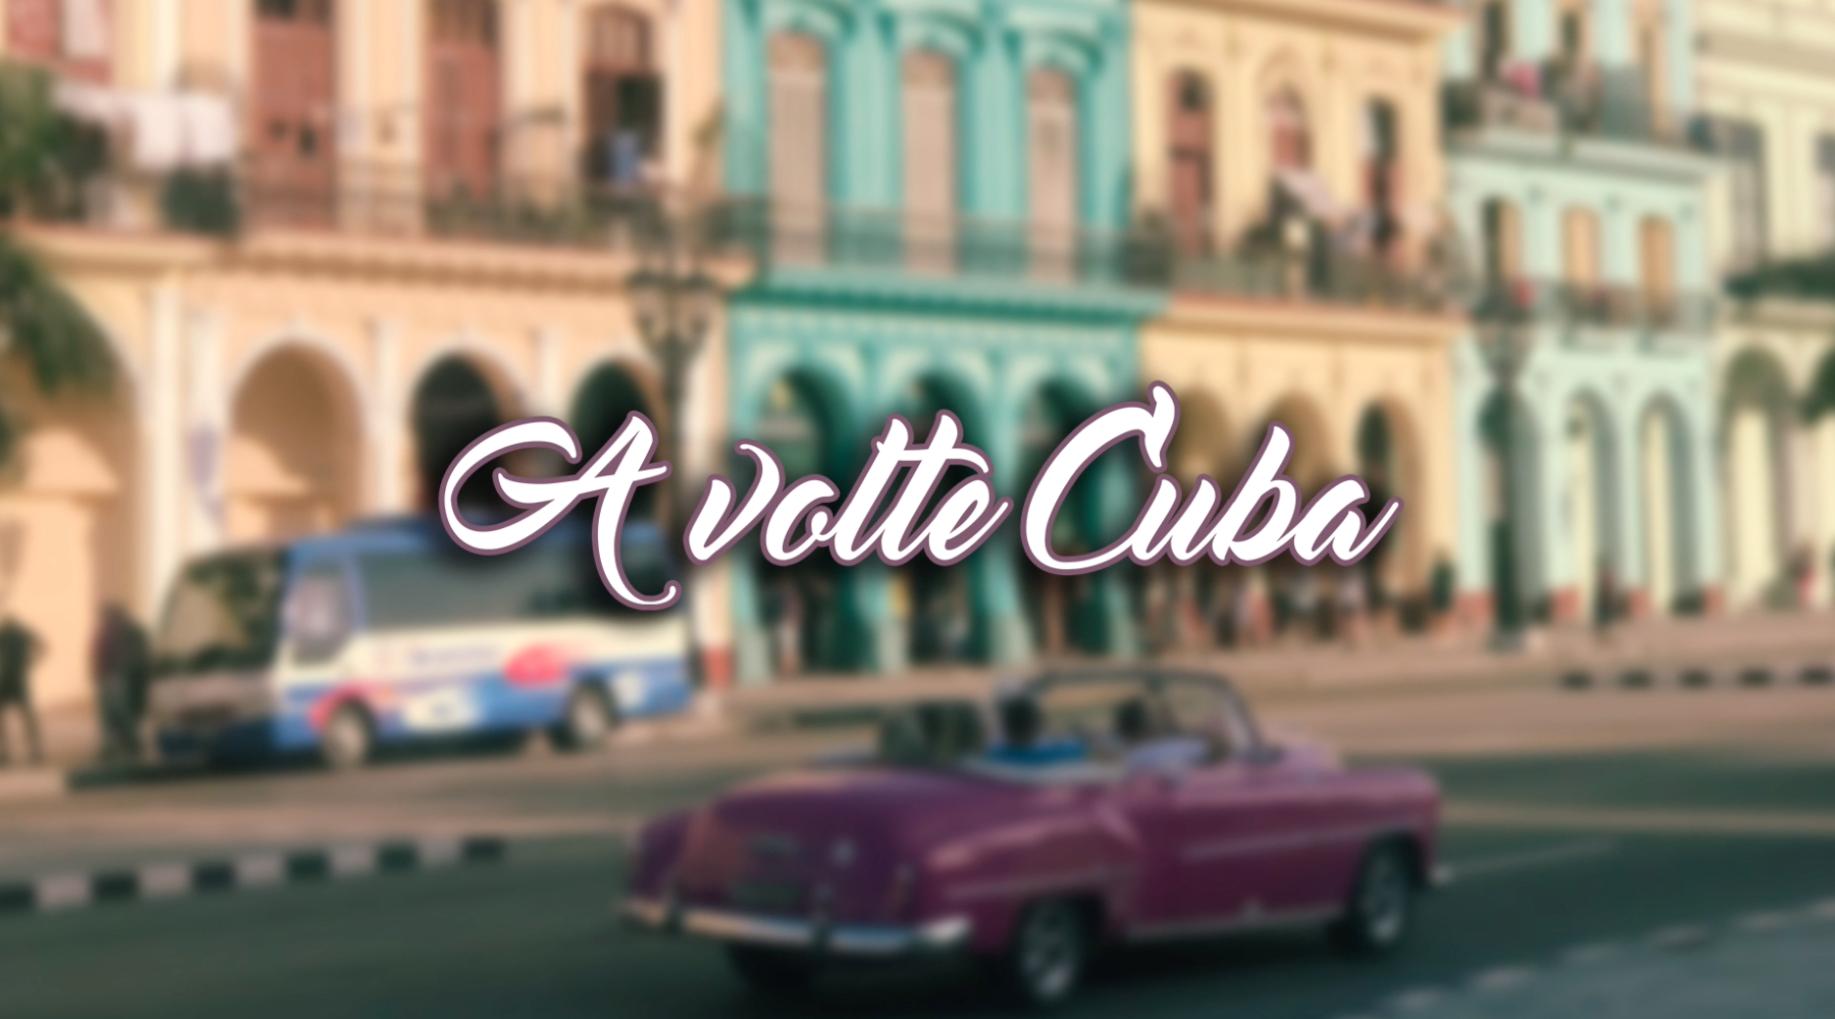 A volte Cuba, il nuovo singolo estivo di Deni Beat